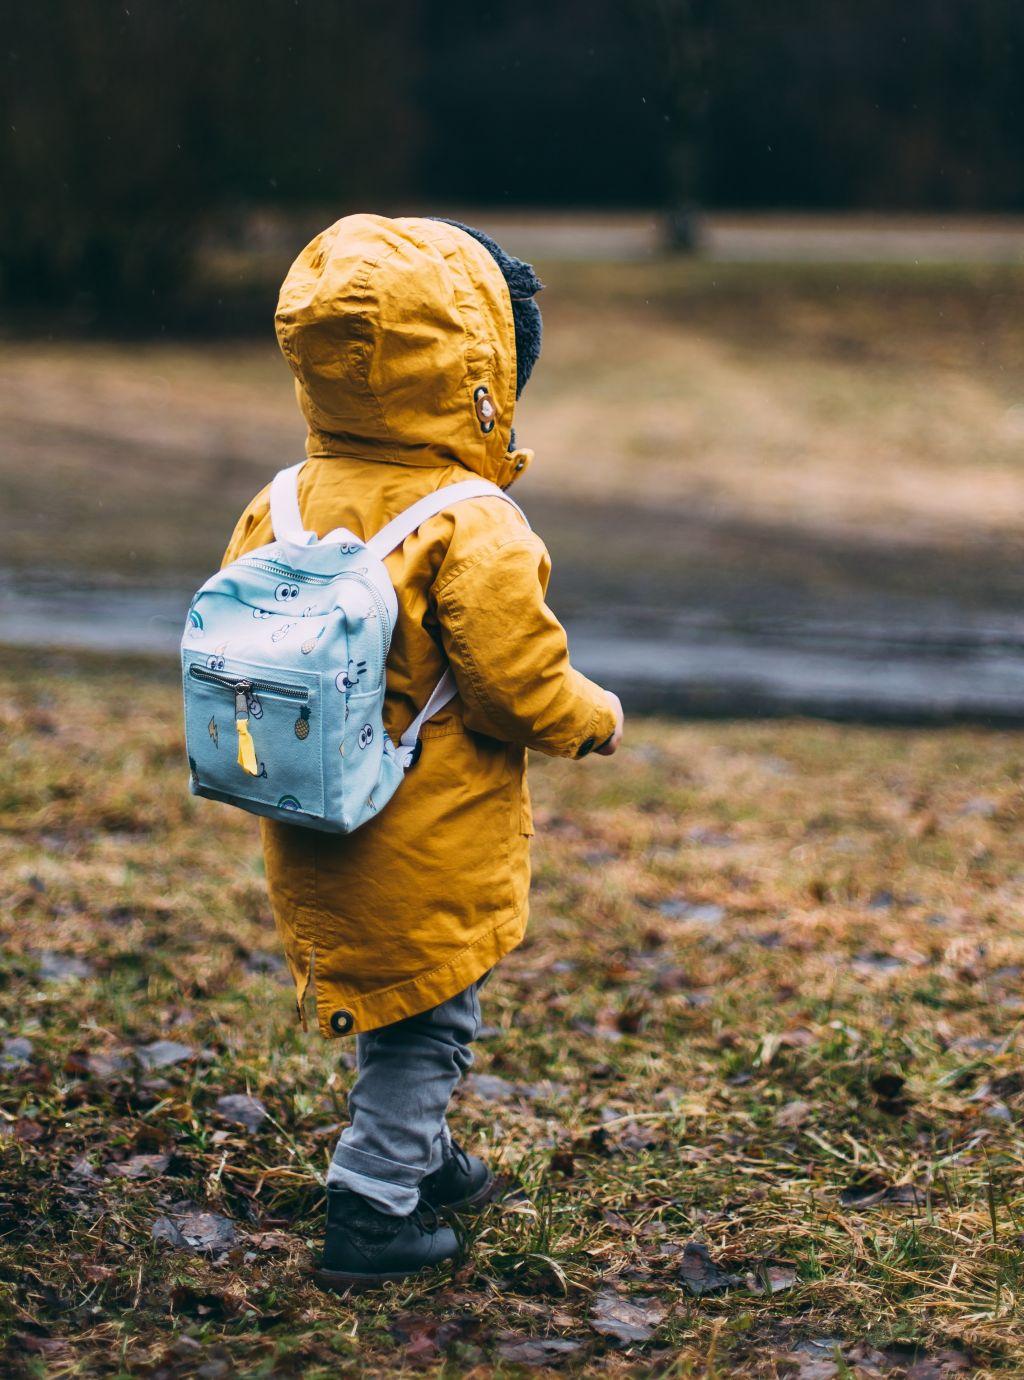 Joustavuus mahdollistaa lapsen arjessa mukana olemisen